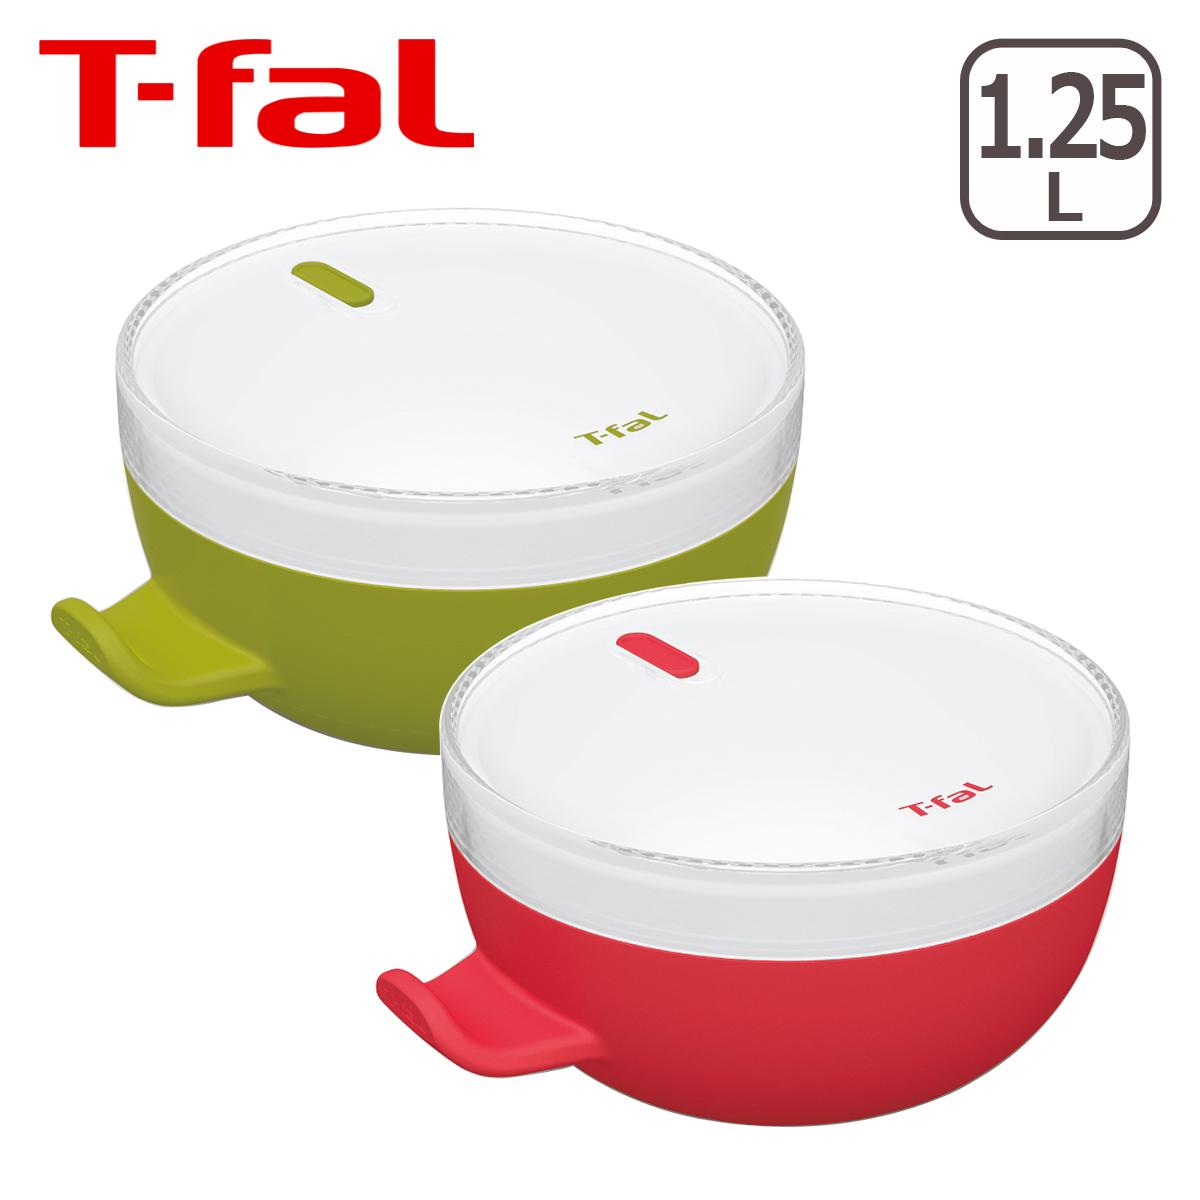 Eat T Fal Tefal Quick Bowl Microwave Cooking Liances Choose 2 Colors